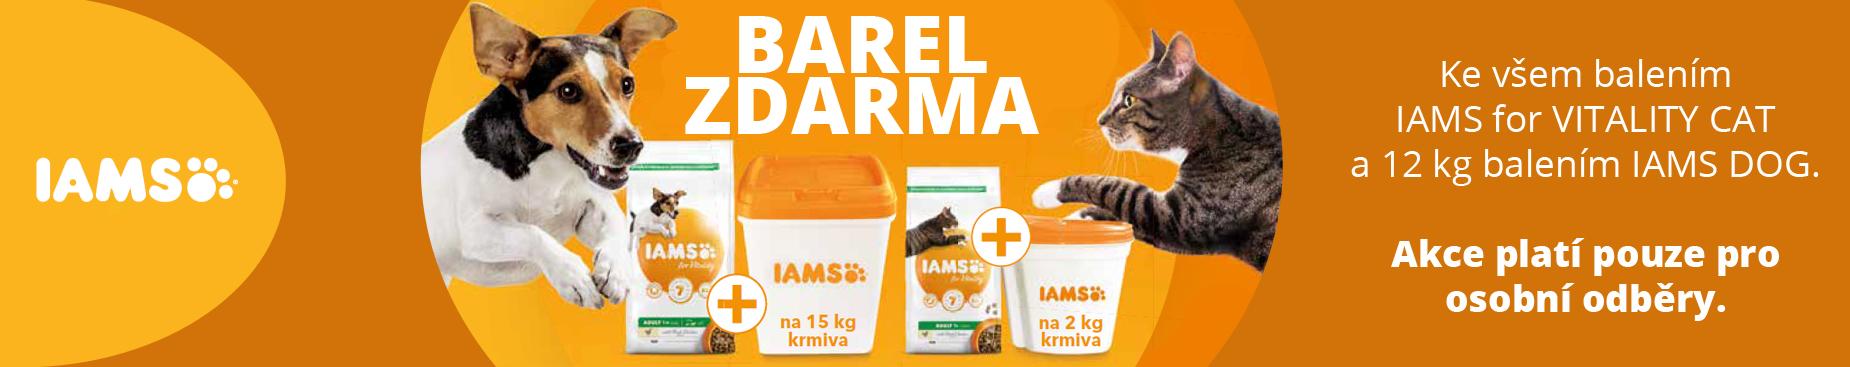 Barel Zdarma